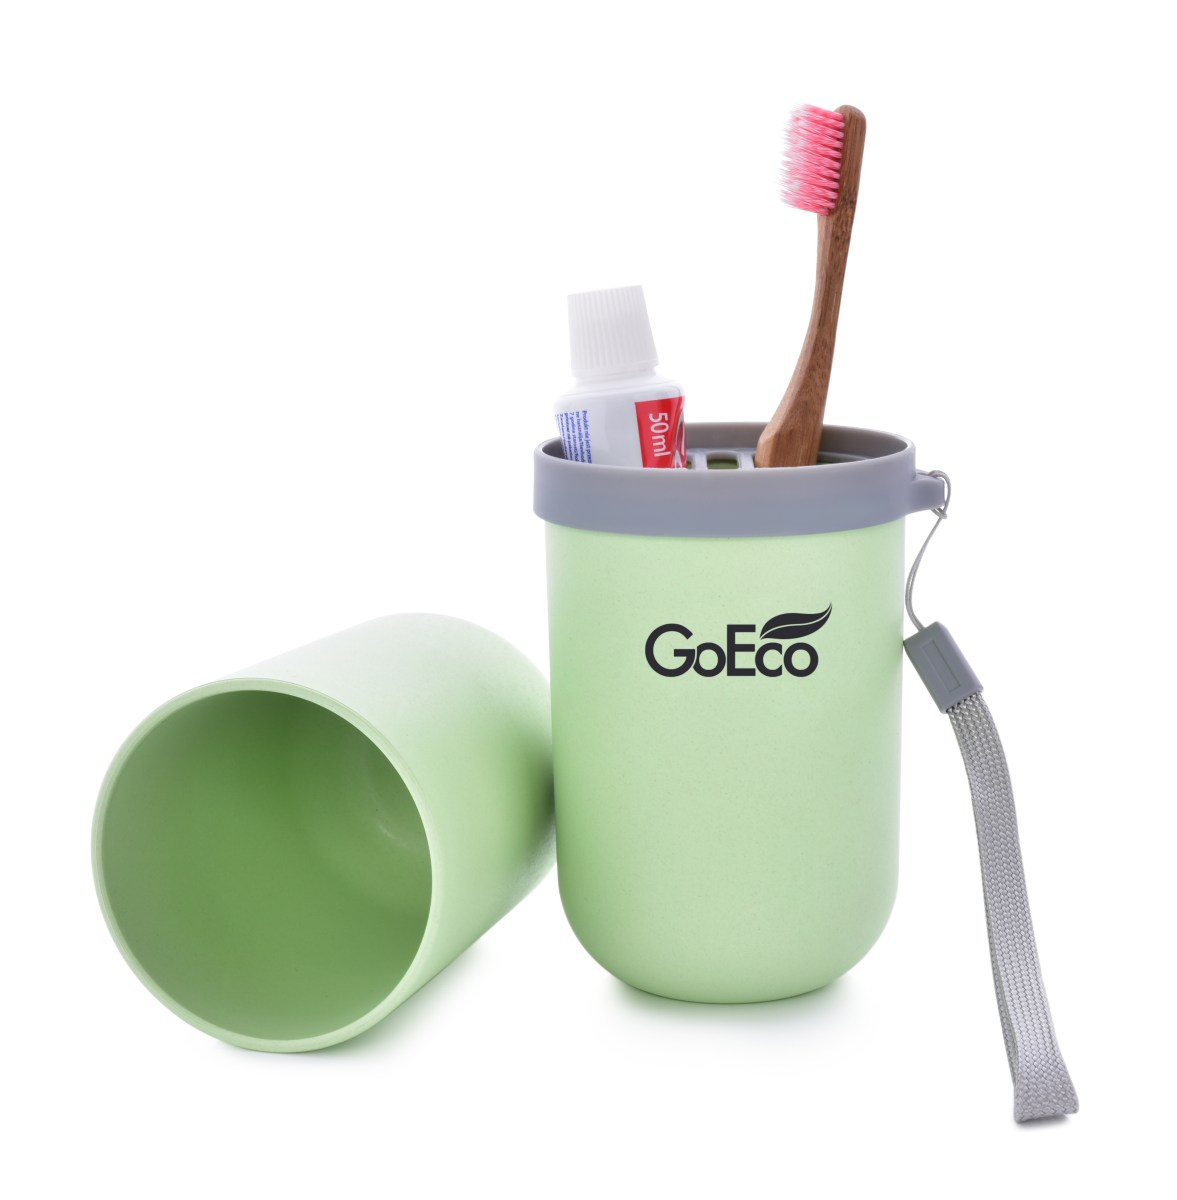 5ef8c47e4 GOECO cestovné púzdro na zubnú kefku a pastu zelené - DEDRA online